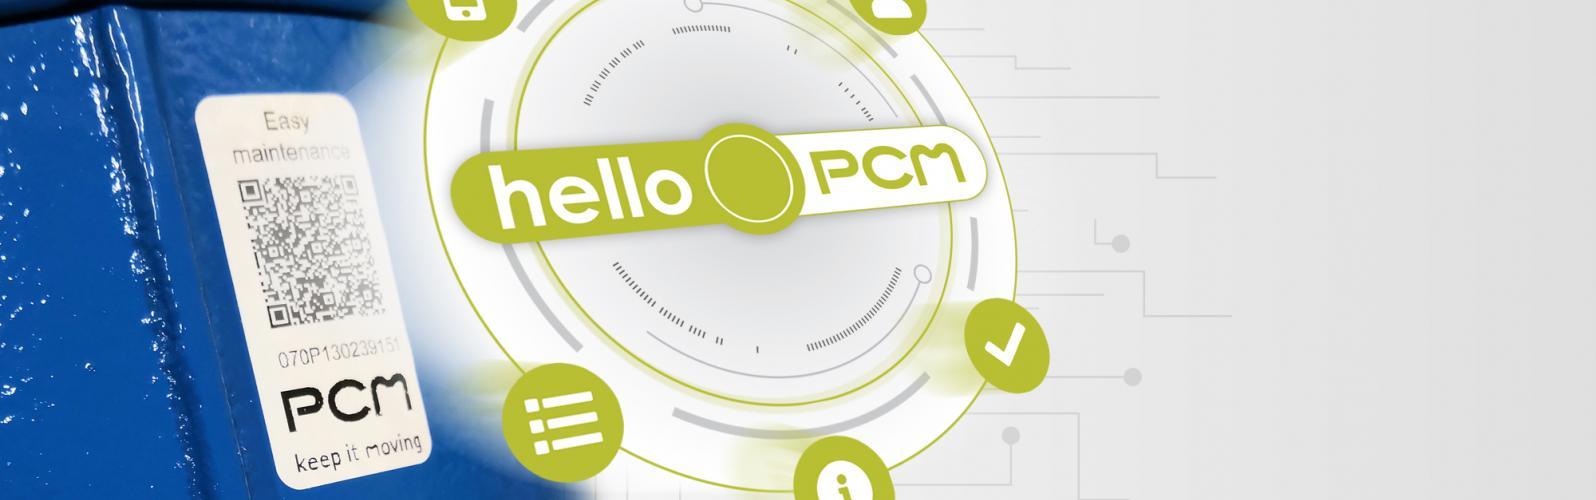 HelloPCM - Applicazione digitale